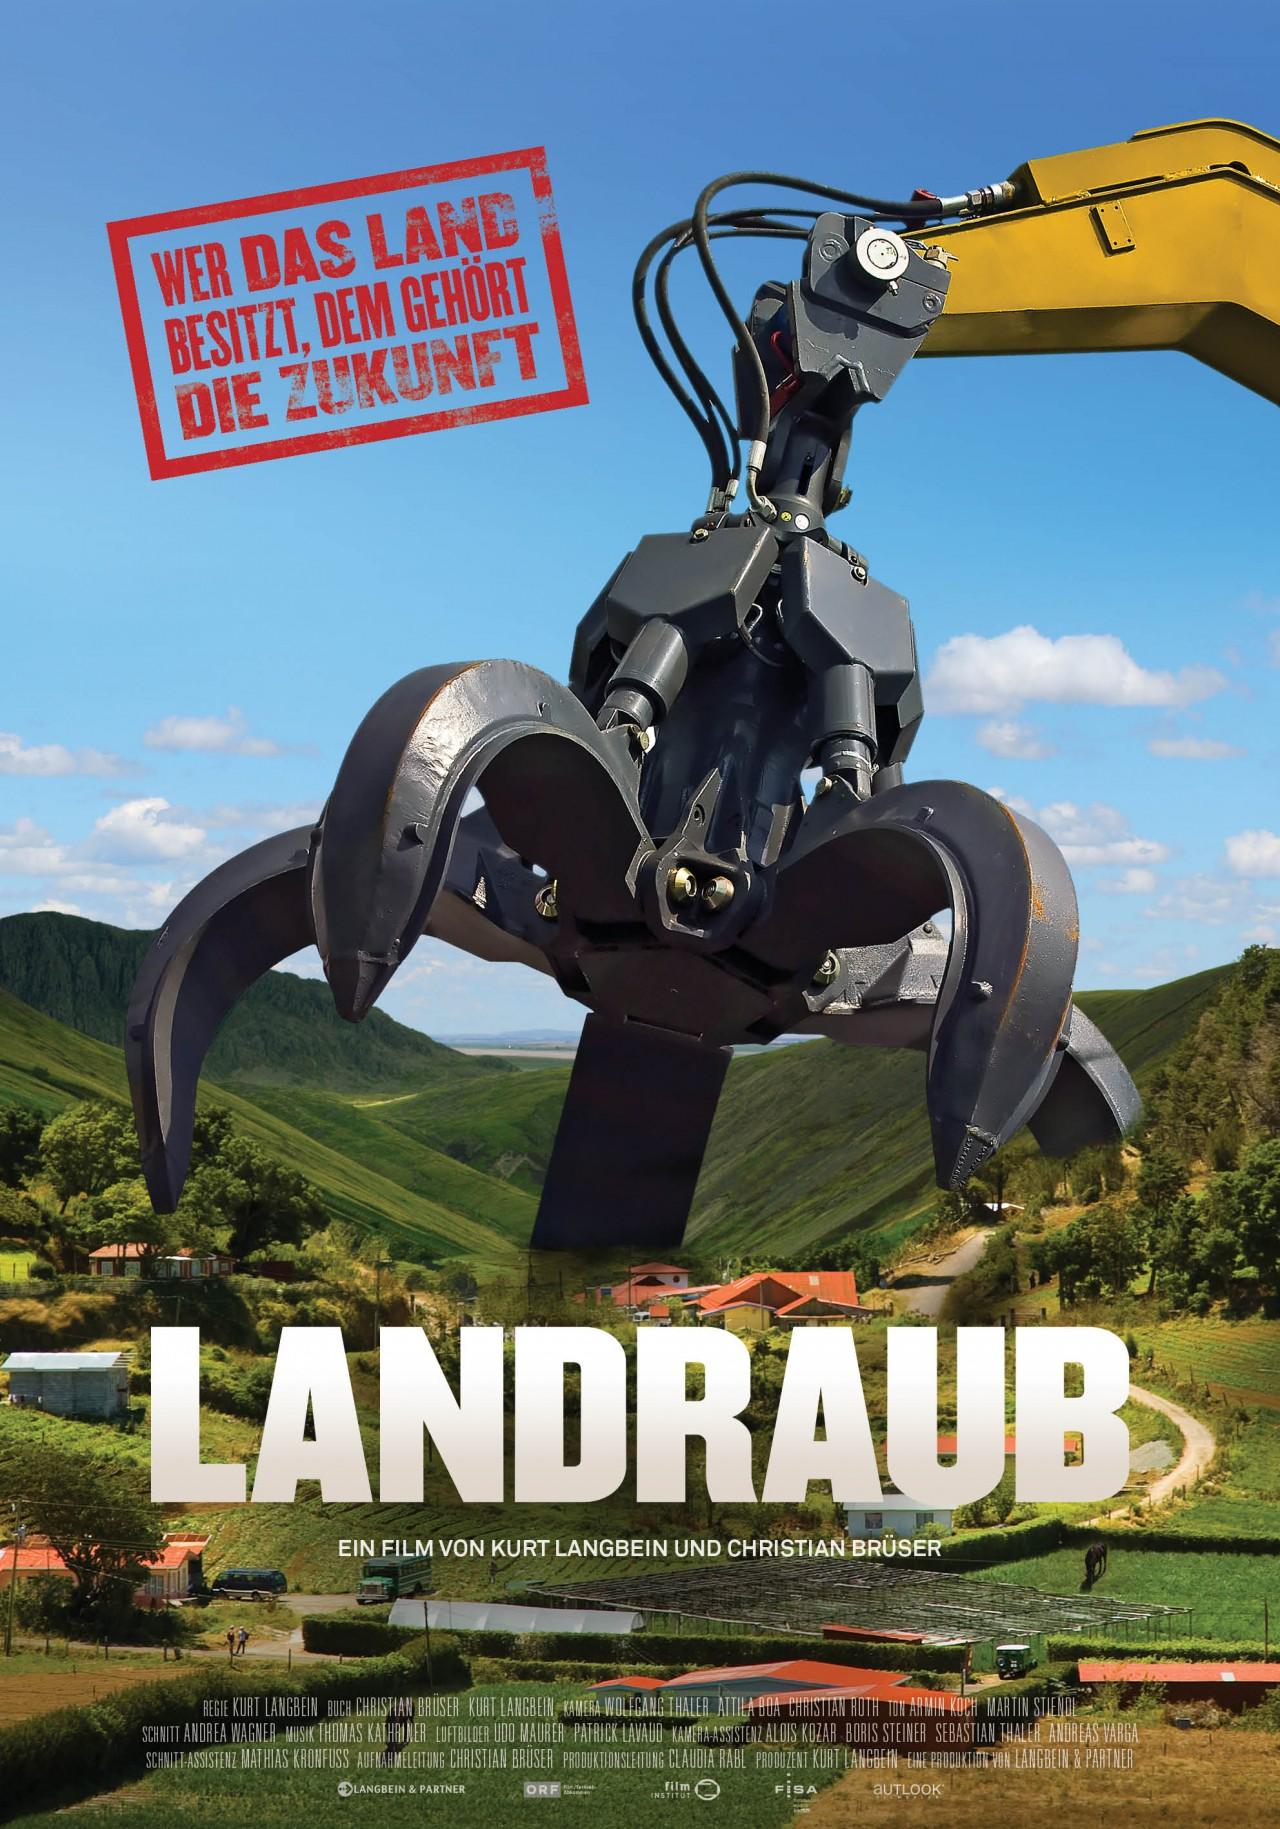 Filmplakat Landraub. Foto: www.landraub.com